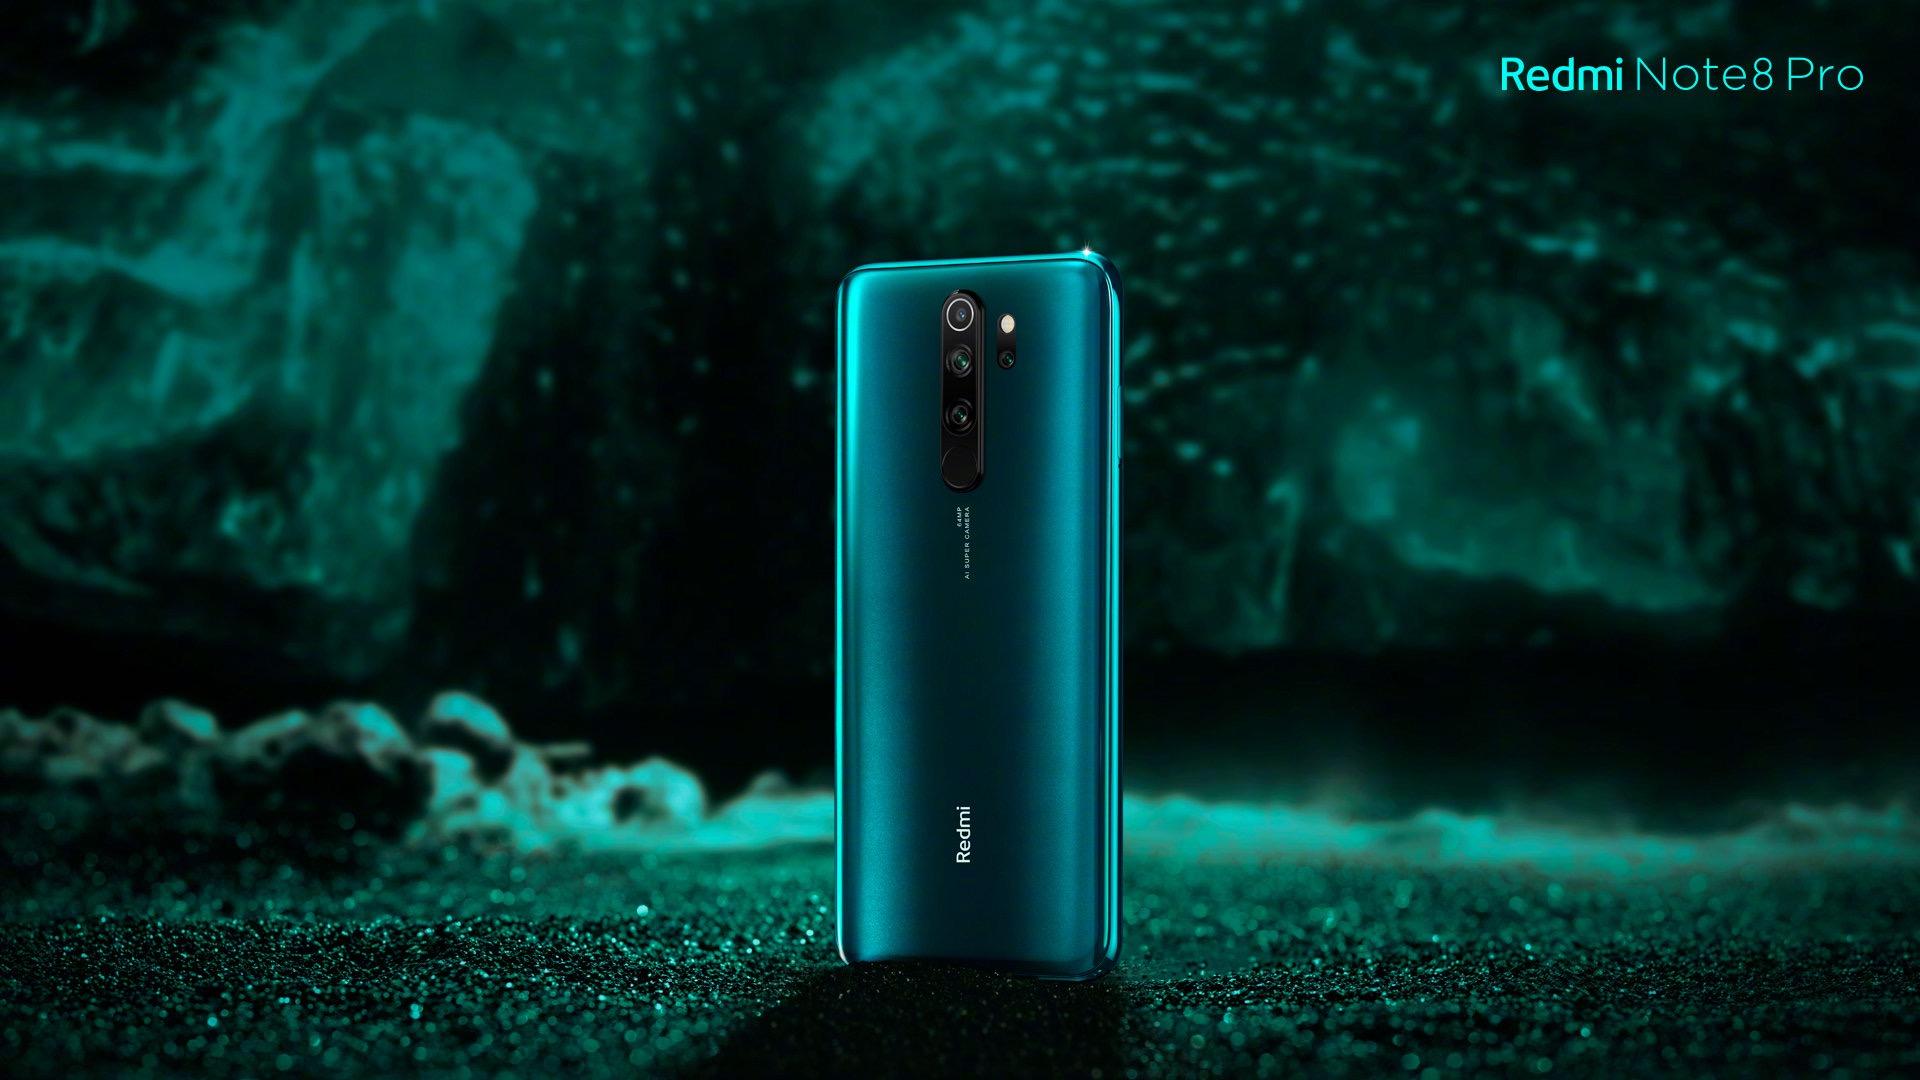 Nueva tonalidad Ice Emerald del Redmi Note 8 Pro. Noticias Xiaomi Adictos